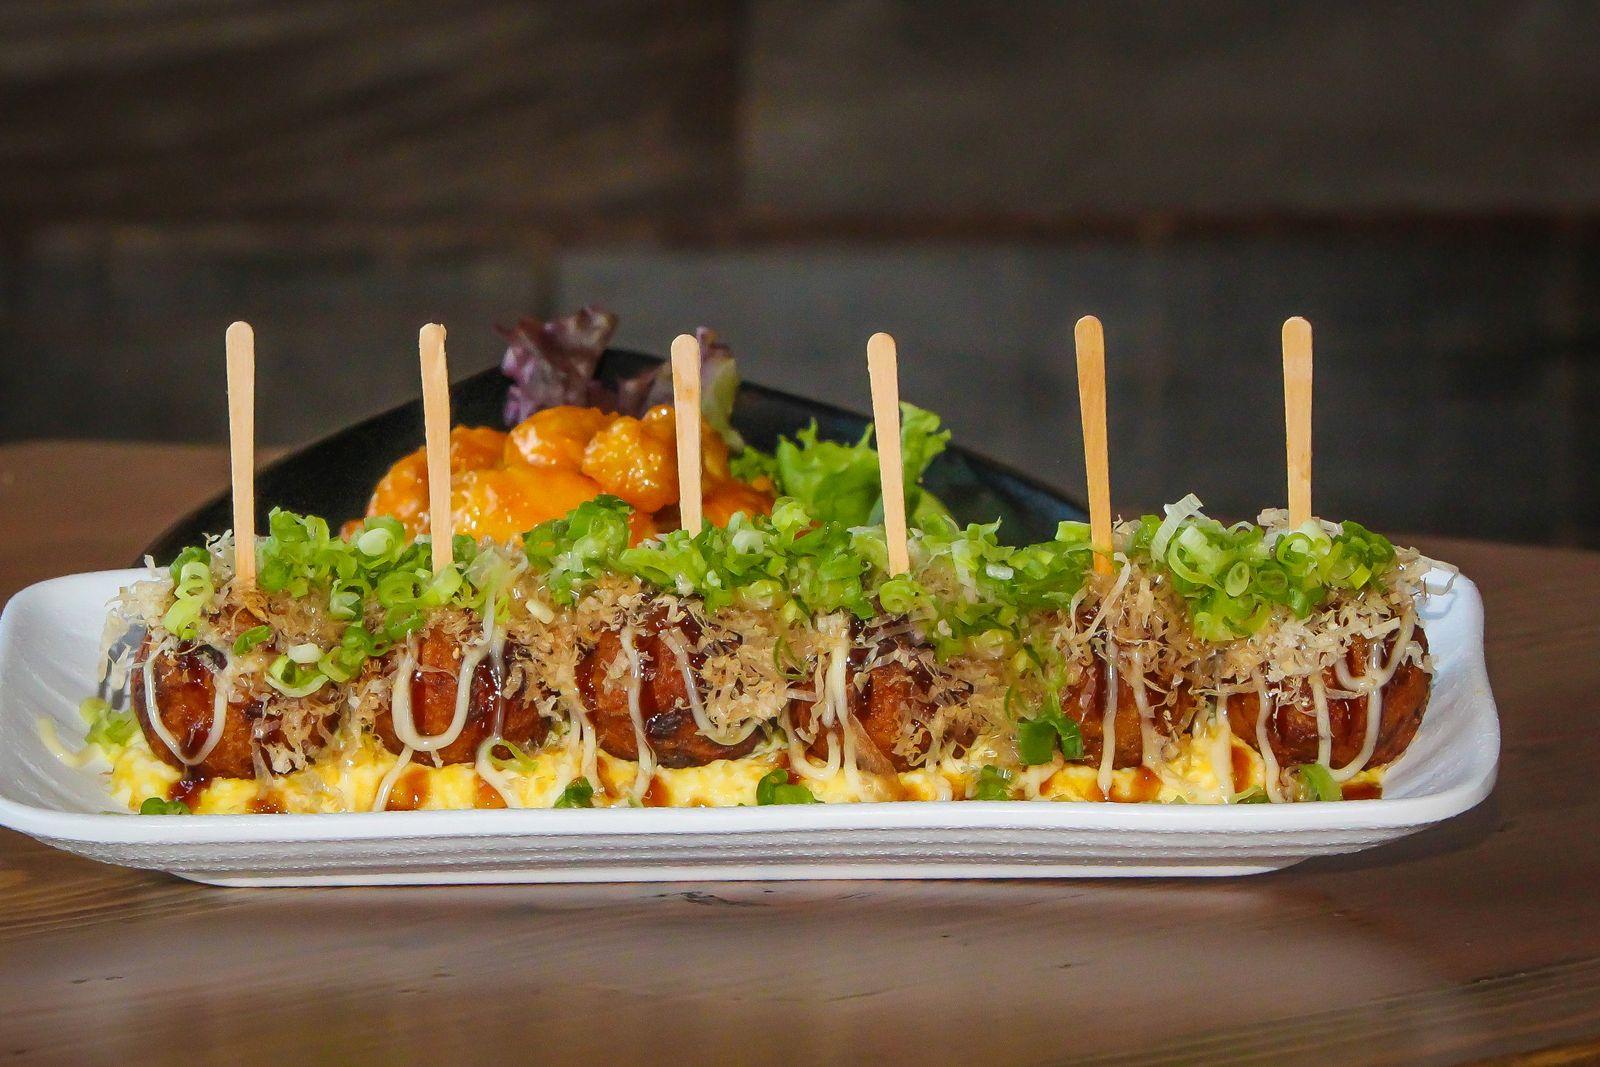 JINYA Ramen Bar to Host Exclusive Sake Pairing Dinner